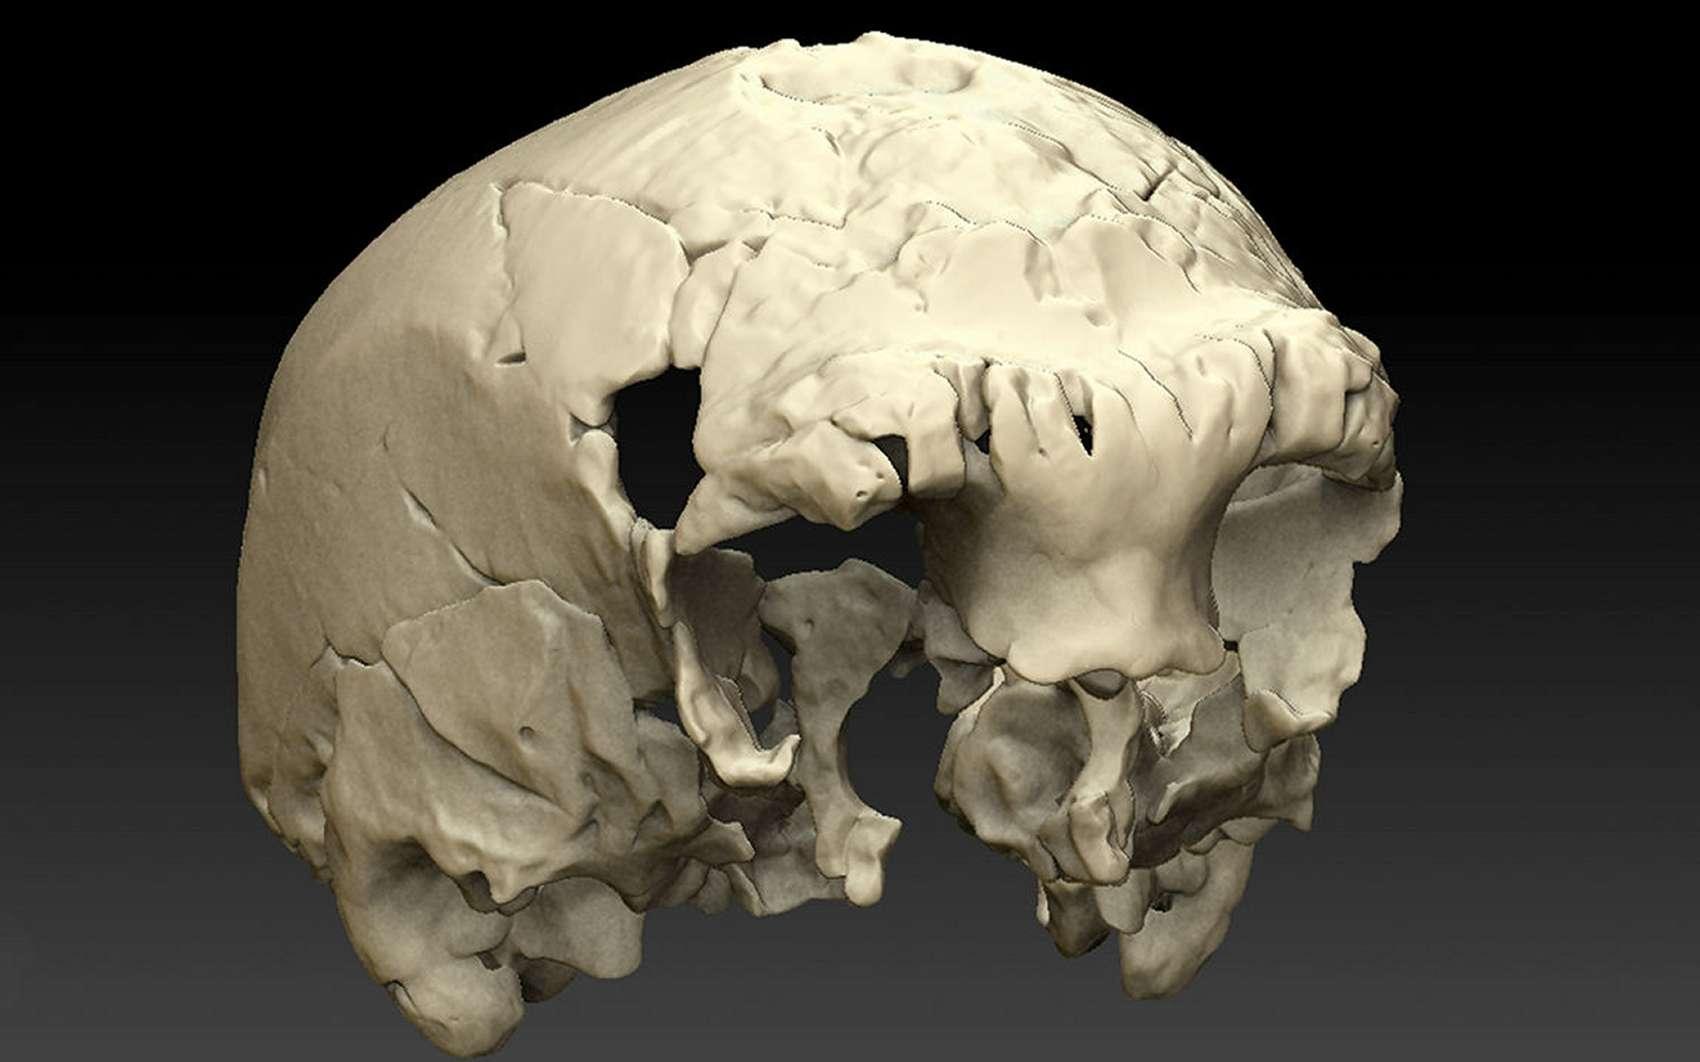 Ce crâne reconstitué sur ordinateur est celui d'un humain vieux de 400.000 ans. Il présente des caractéristiques de néandertaliens mais aussi d'hominidés plus anciens. © Uniarq